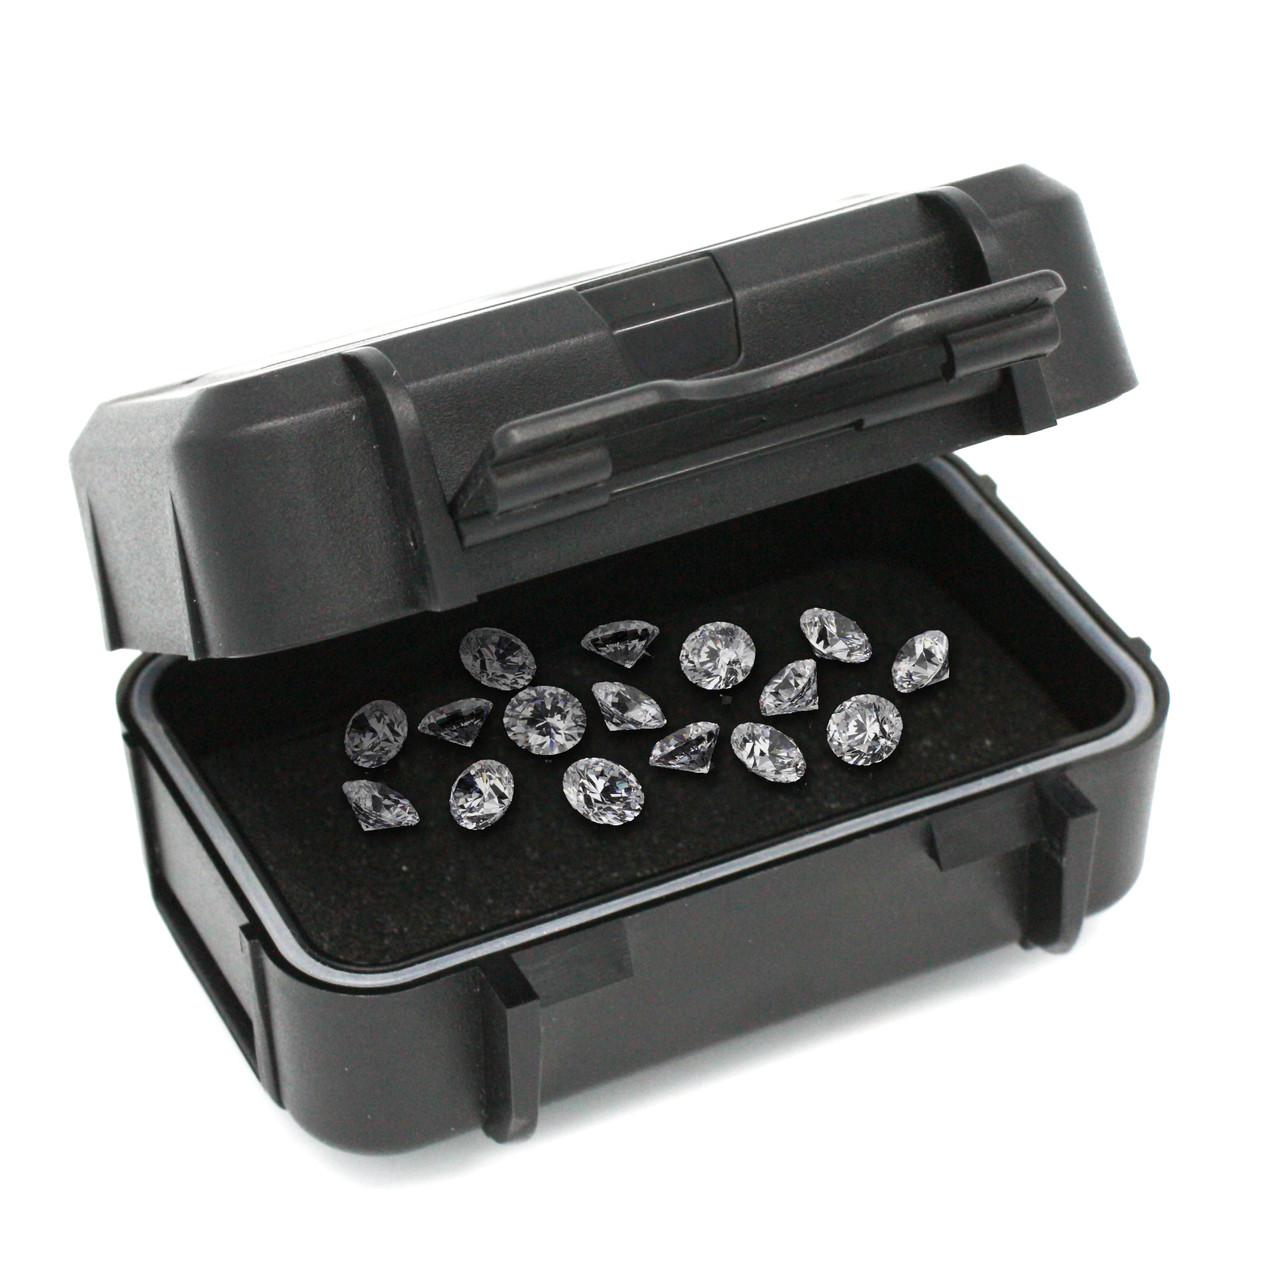 E1090 iTrail® Roc Box Diamonds Inside